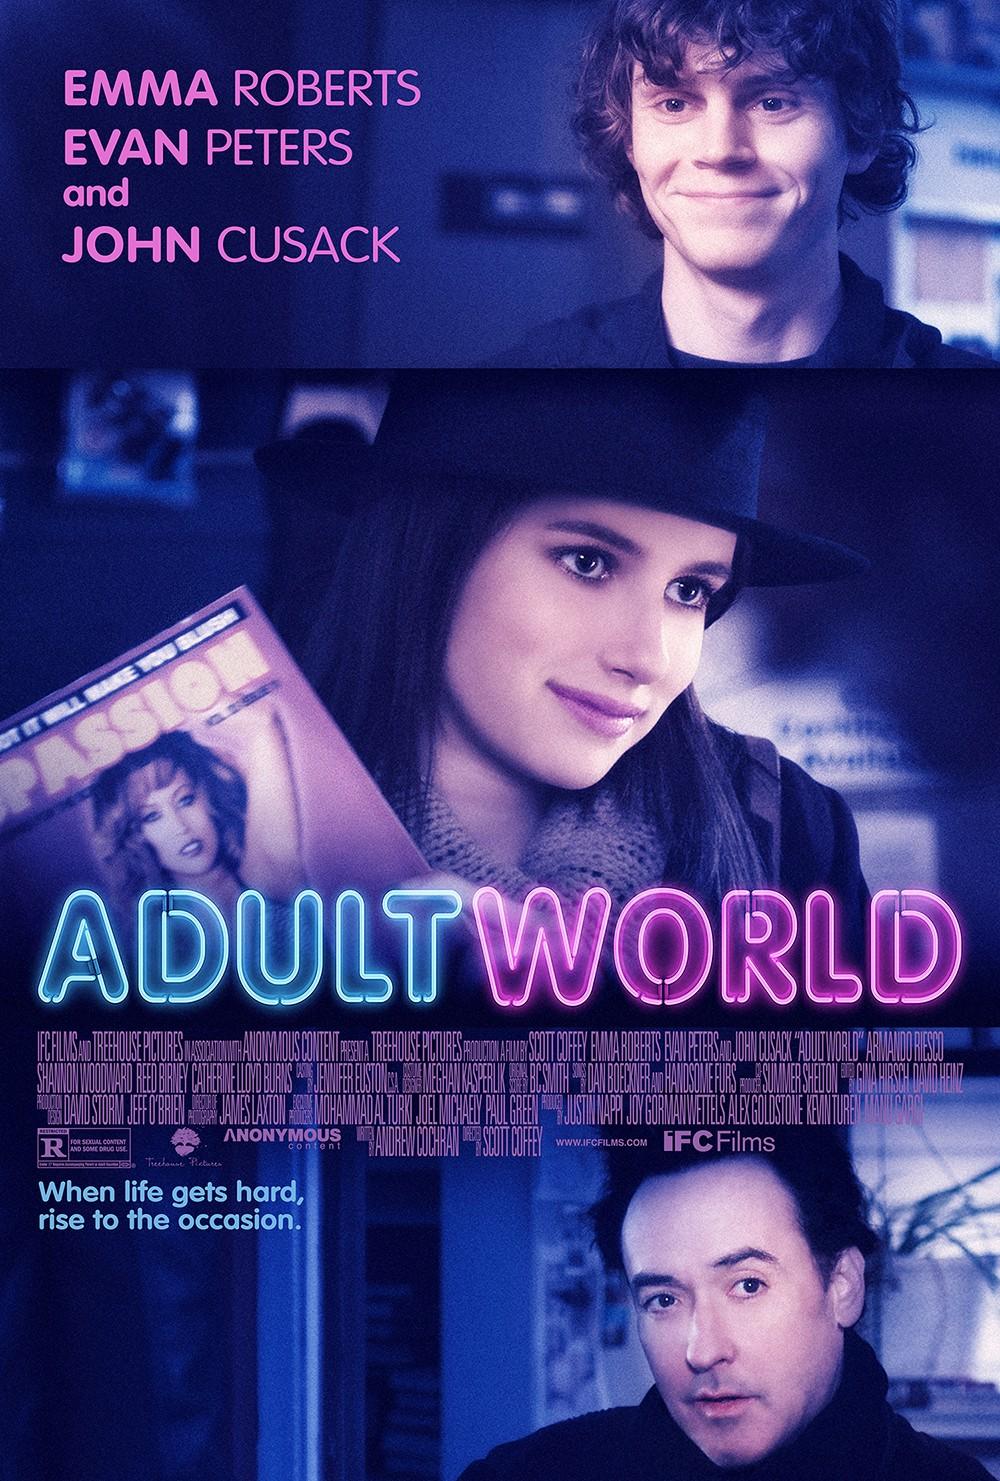 плакат фильма постер Взрослый мир*